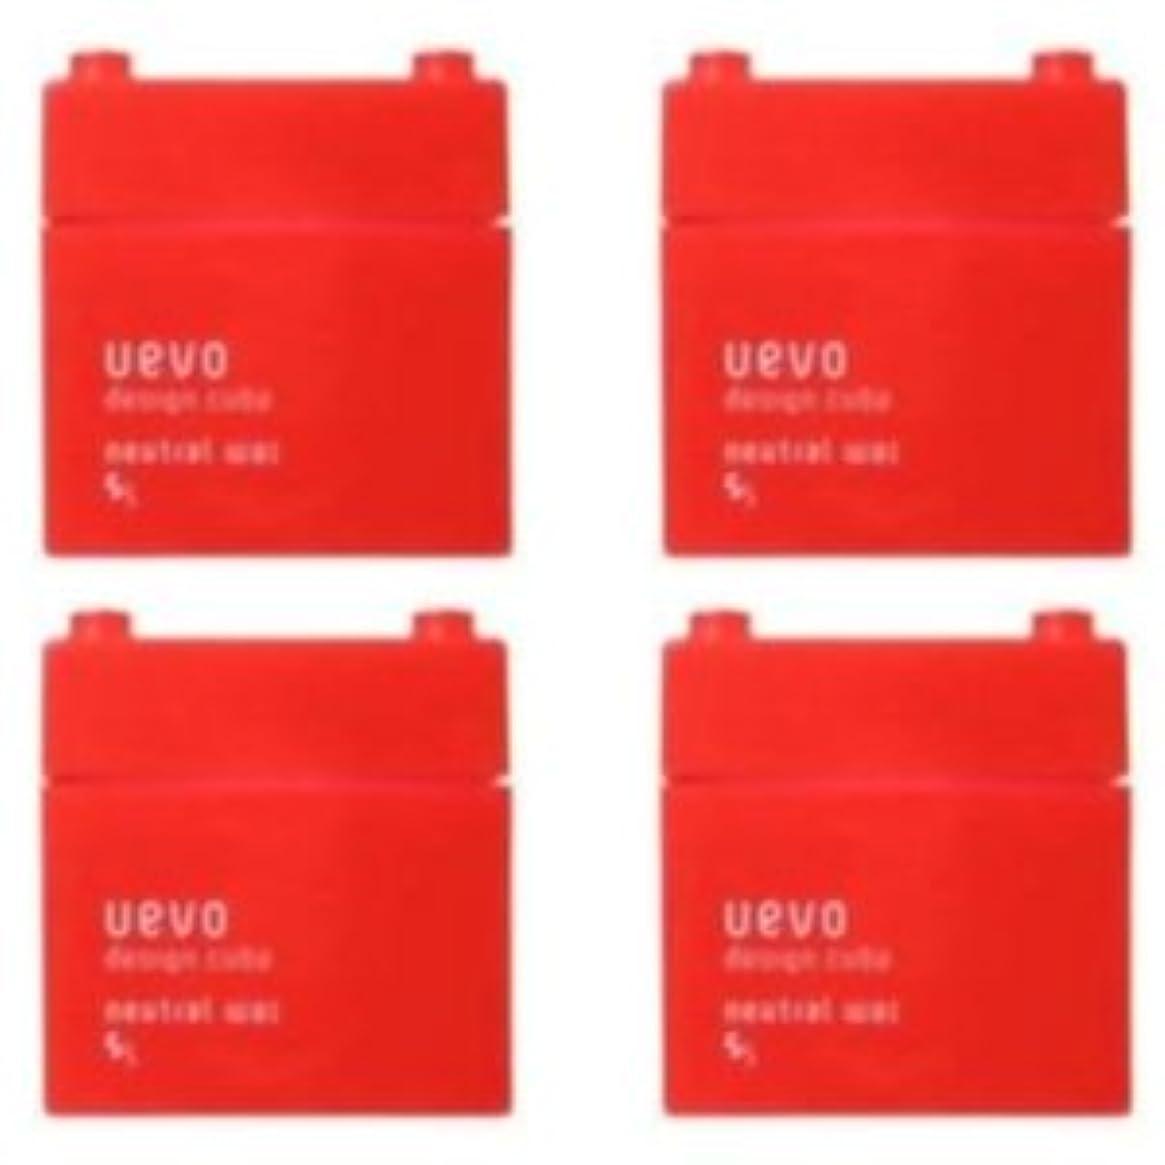 一月パッドコミュニティ【X4個セット】 デミ ウェーボ デザインキューブ ニュートラルワックス 80g neutral wax DEMI uevo design cube